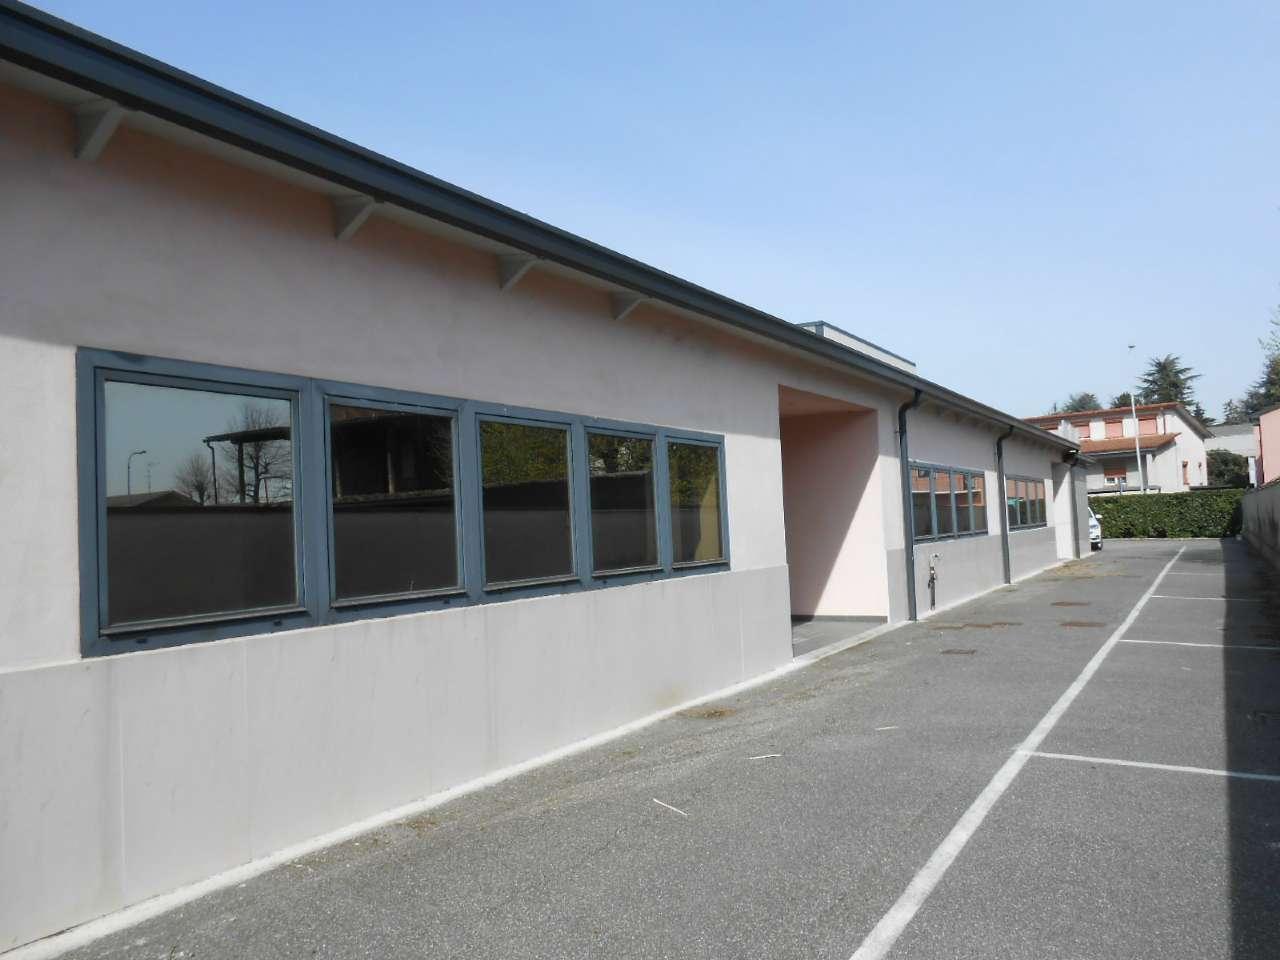 Ufficio / Studio in affitto a Madignano, 2 locali, prezzo € 580 | PortaleAgenzieImmobiliari.it